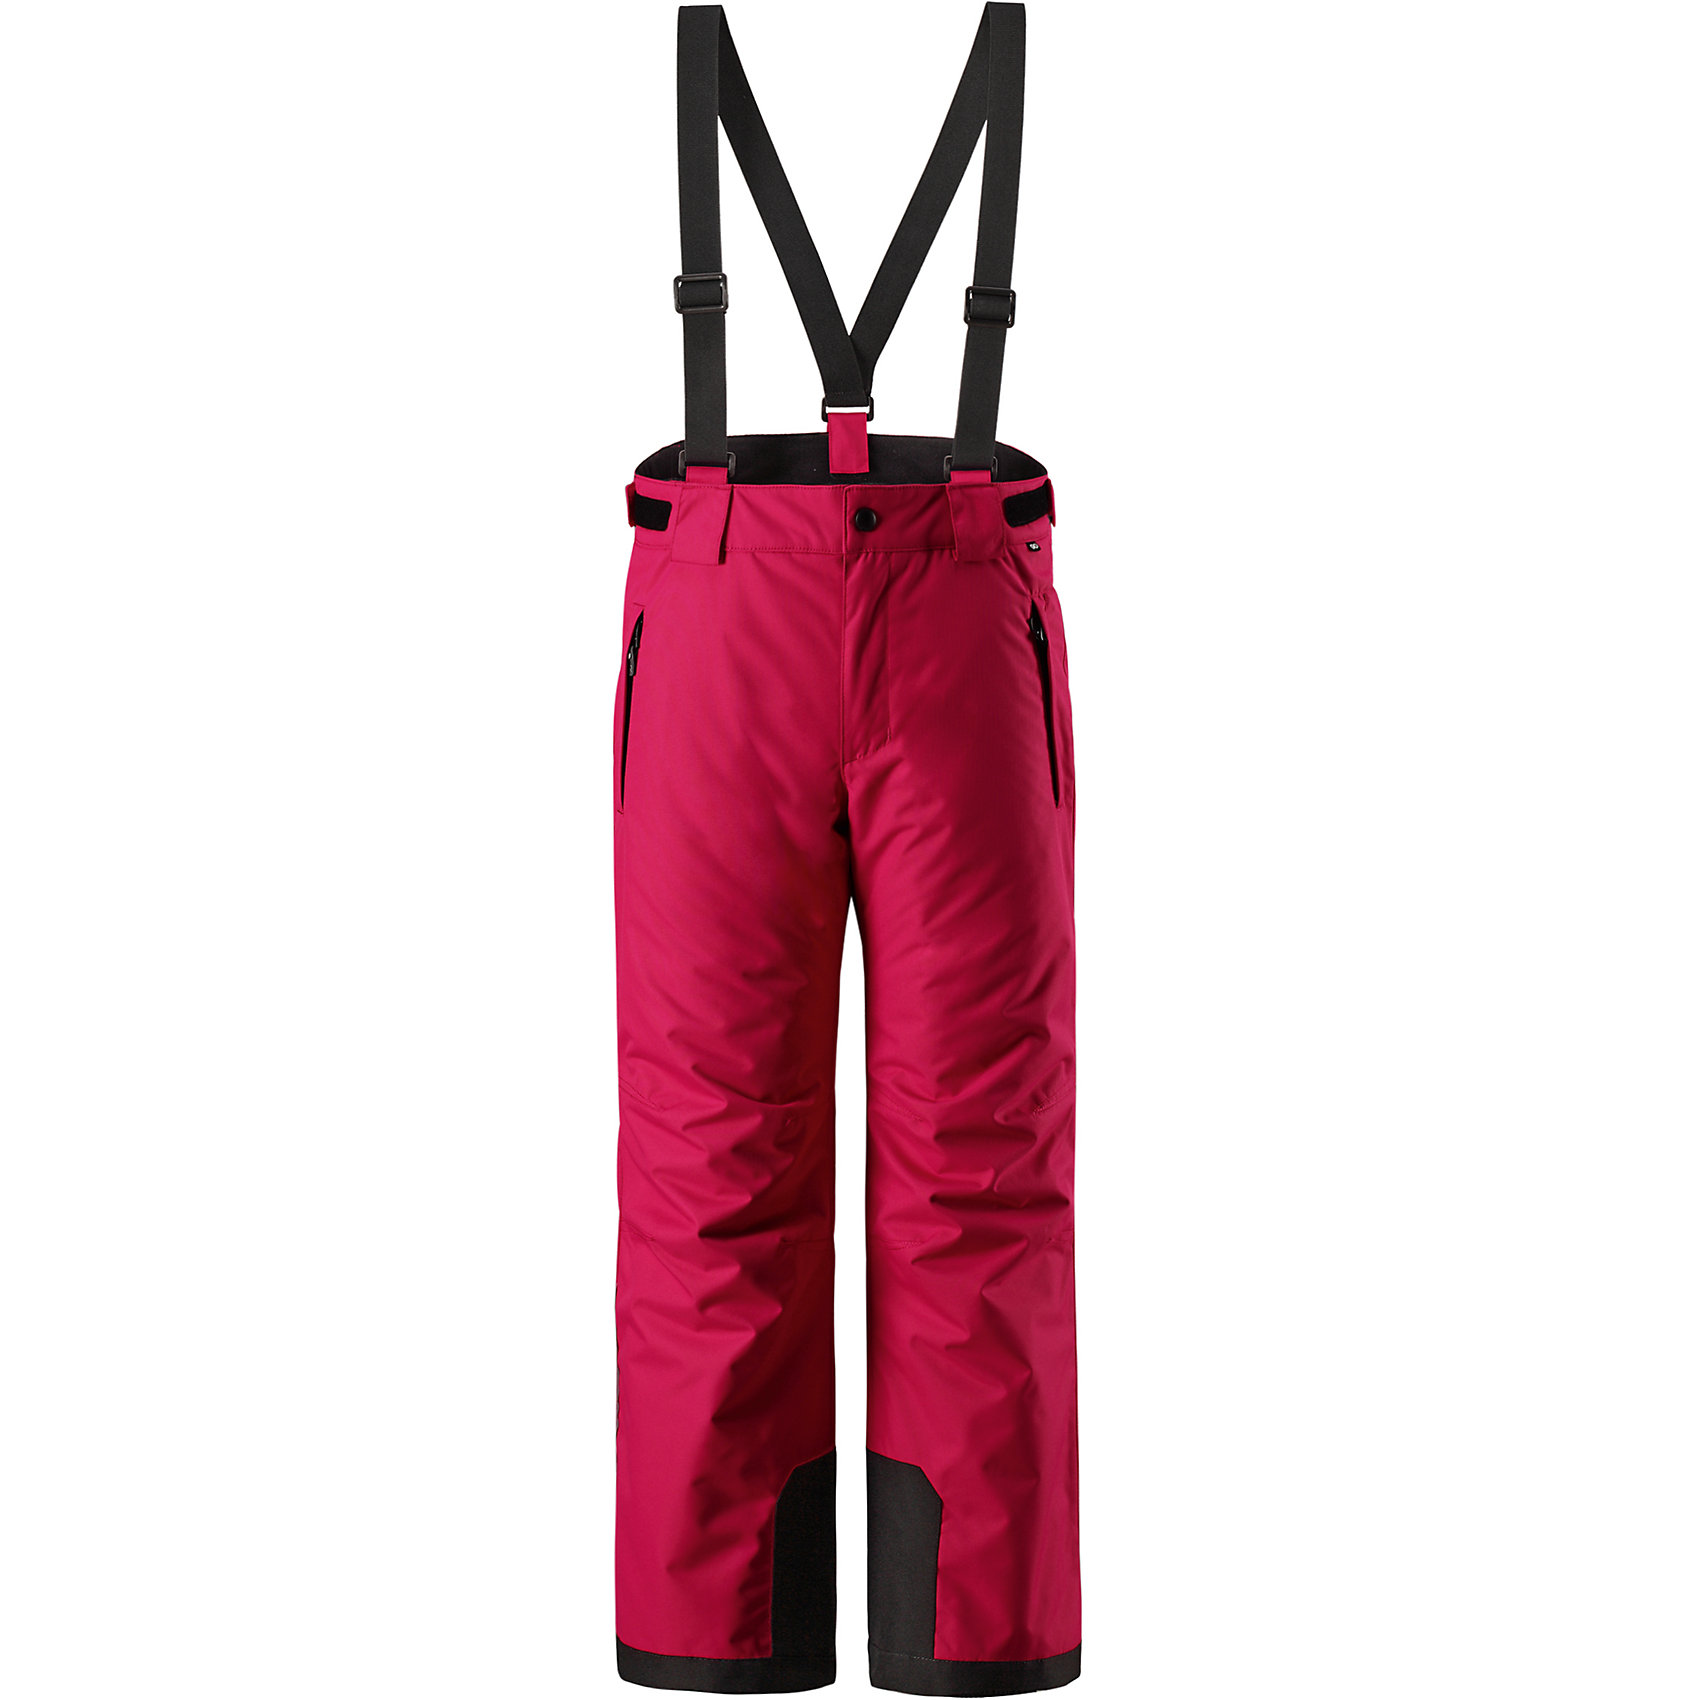 Брюки Reimatec® Reima TakeoffВерхняя одежда<br>Характеристики товара:<br><br>• цвет: розовый;<br>• 100% полиэстер, полиуретановое покрытие;<br>• утеплитель: 100% полиэстер 120 г/м2;<br>• сезон: зима;<br>• температурный режим: от 0 до -20С;<br>• водонепроницаемость: 12000 мм;<br>• воздухопроницаемость: 8000 мм;<br>• износостойкость: 30000 циклов (тест Мартиндейла)<br>• особенности: с подтяжками;<br>• водо- и ветронепроницаемый, дышащий и грязеотталкивающий материал;<br>• все швы проклеены и водонепроницаемы;<br>• гладкая подкладка из полиэстера;<br>• прочные усиленные вставки внизу брючин;<br>• регулируемый обхват талии;<br>• снегозащитные манжеты на штанинах;<br>• застежка: молния, пуговица;<br>• карманы на молнии;<br>• регулируемые съемные эластичные подтяжки;<br>• потайной карман для датчика ReimaGO®;<br>• светоотражающие элементы;<br>• страна бренда: Финляндия;<br>• страна производства: Китай.<br><br>Зимние брюки просто созданы для активных детей: они отталкивают влагу и грязь, а все швы в них проклеены и водонепроницаемы. Ветронепроницаемый и в то же время дышащий материал обеспечивает комфорт во время увлекательных прогулок – ребенку будет тепло, но он не вспотеет. <br><br>Очень удобные съемные и регулируемые подтяжки будут надежно поддерживать брюки во время всех активных приключений. Прочные усиления на концах брючин защищают лодыжки. Благодаря защите от снега, никакой снег и мороз не проберутся внутрь, так что брюки идеально подойдут для сноубординга и горных лыж. <br><br>Регулируемая талия обеспечит отличную посадку по фигуре. Эта модель с прямым, слегка свободным покроем снабжена потайным карманом для сенсора ReimaGO. <br><br>Брюки Takeoff Reimatec® Reima (Рейма) можно купить в нашем интернет-магазине.<br><br>Ширина мм: 215<br>Глубина мм: 88<br>Высота мм: 191<br>Вес г: 336<br>Цвет: розовый<br>Возраст от месяцев: 36<br>Возраст до месяцев: 48<br>Пол: Унисекс<br>Возраст: Детский<br>Размер: 104,164,110,116,122,128,134,140,146,152,158<br>SKU: 6904346